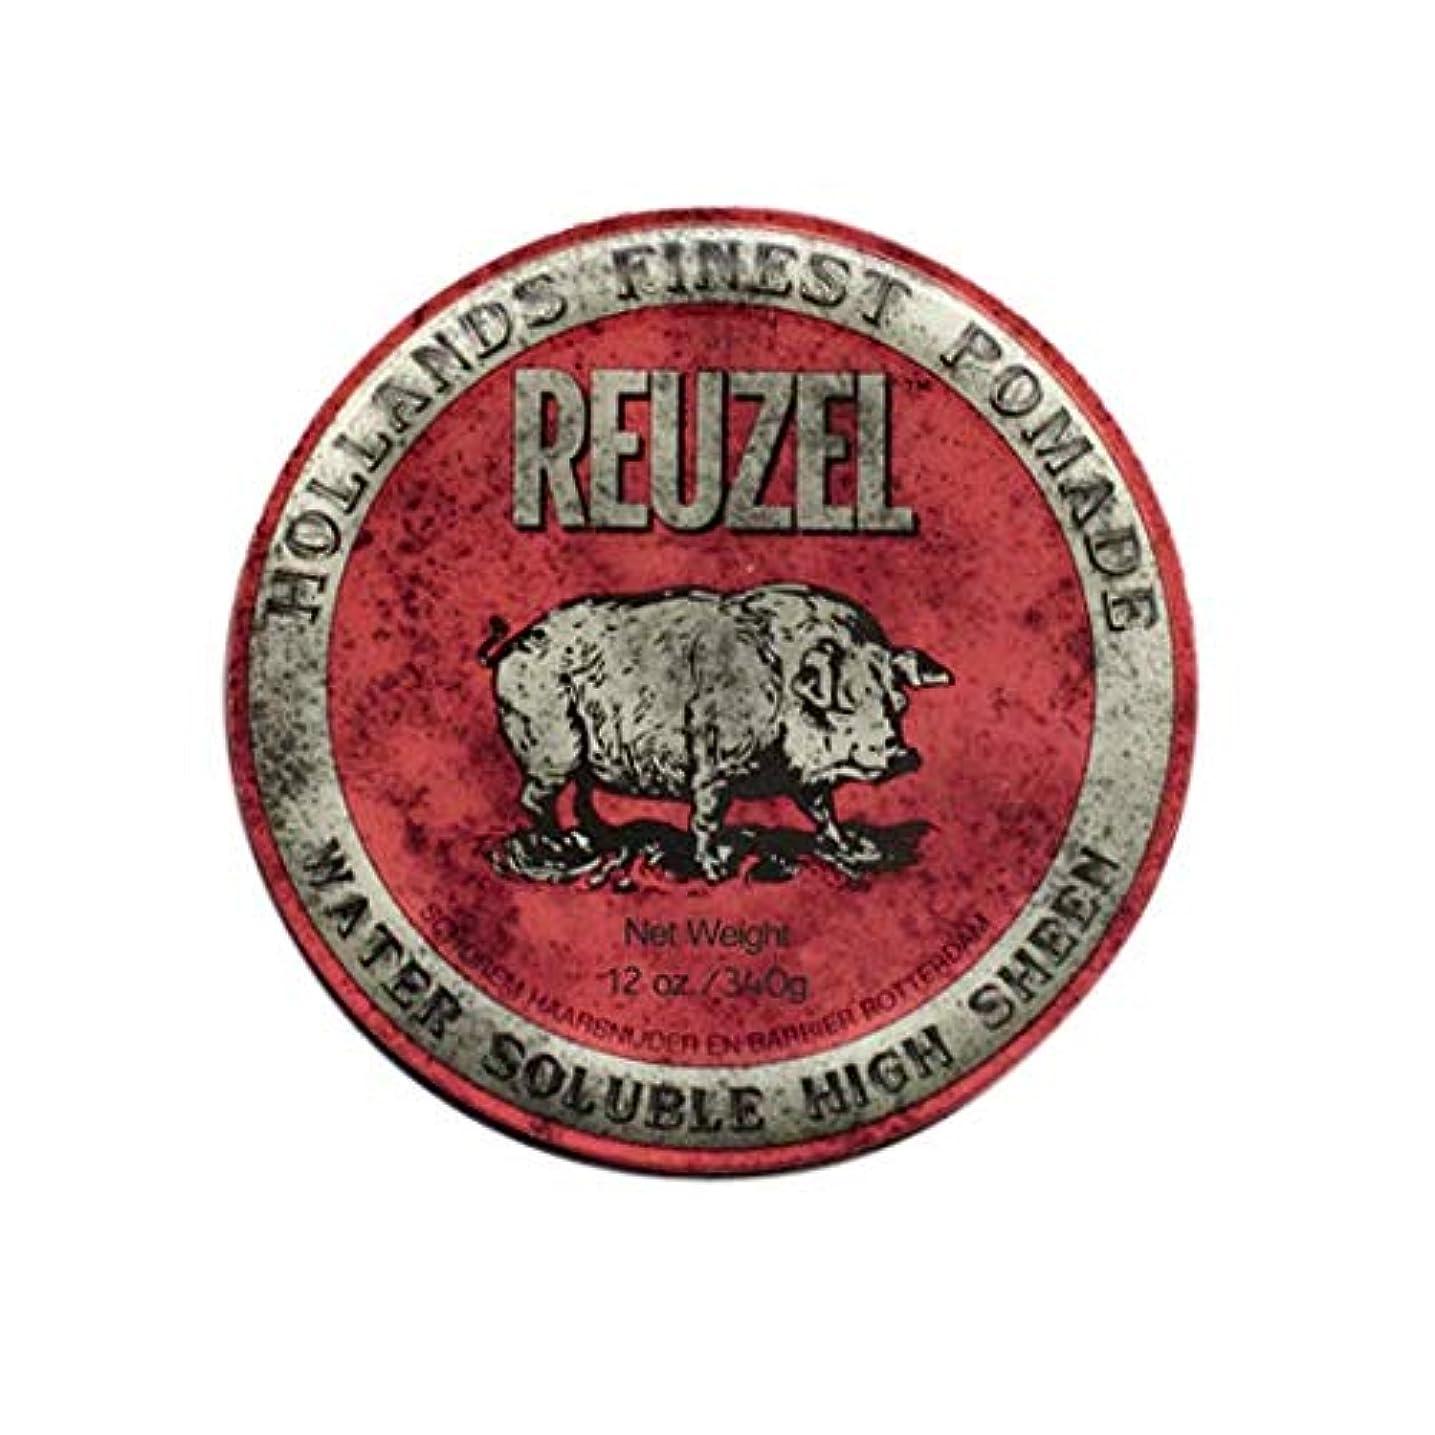 より良いペアローズルーゾー(REUZEL) ミディアムホールド レッド HIGH SHINE 340g